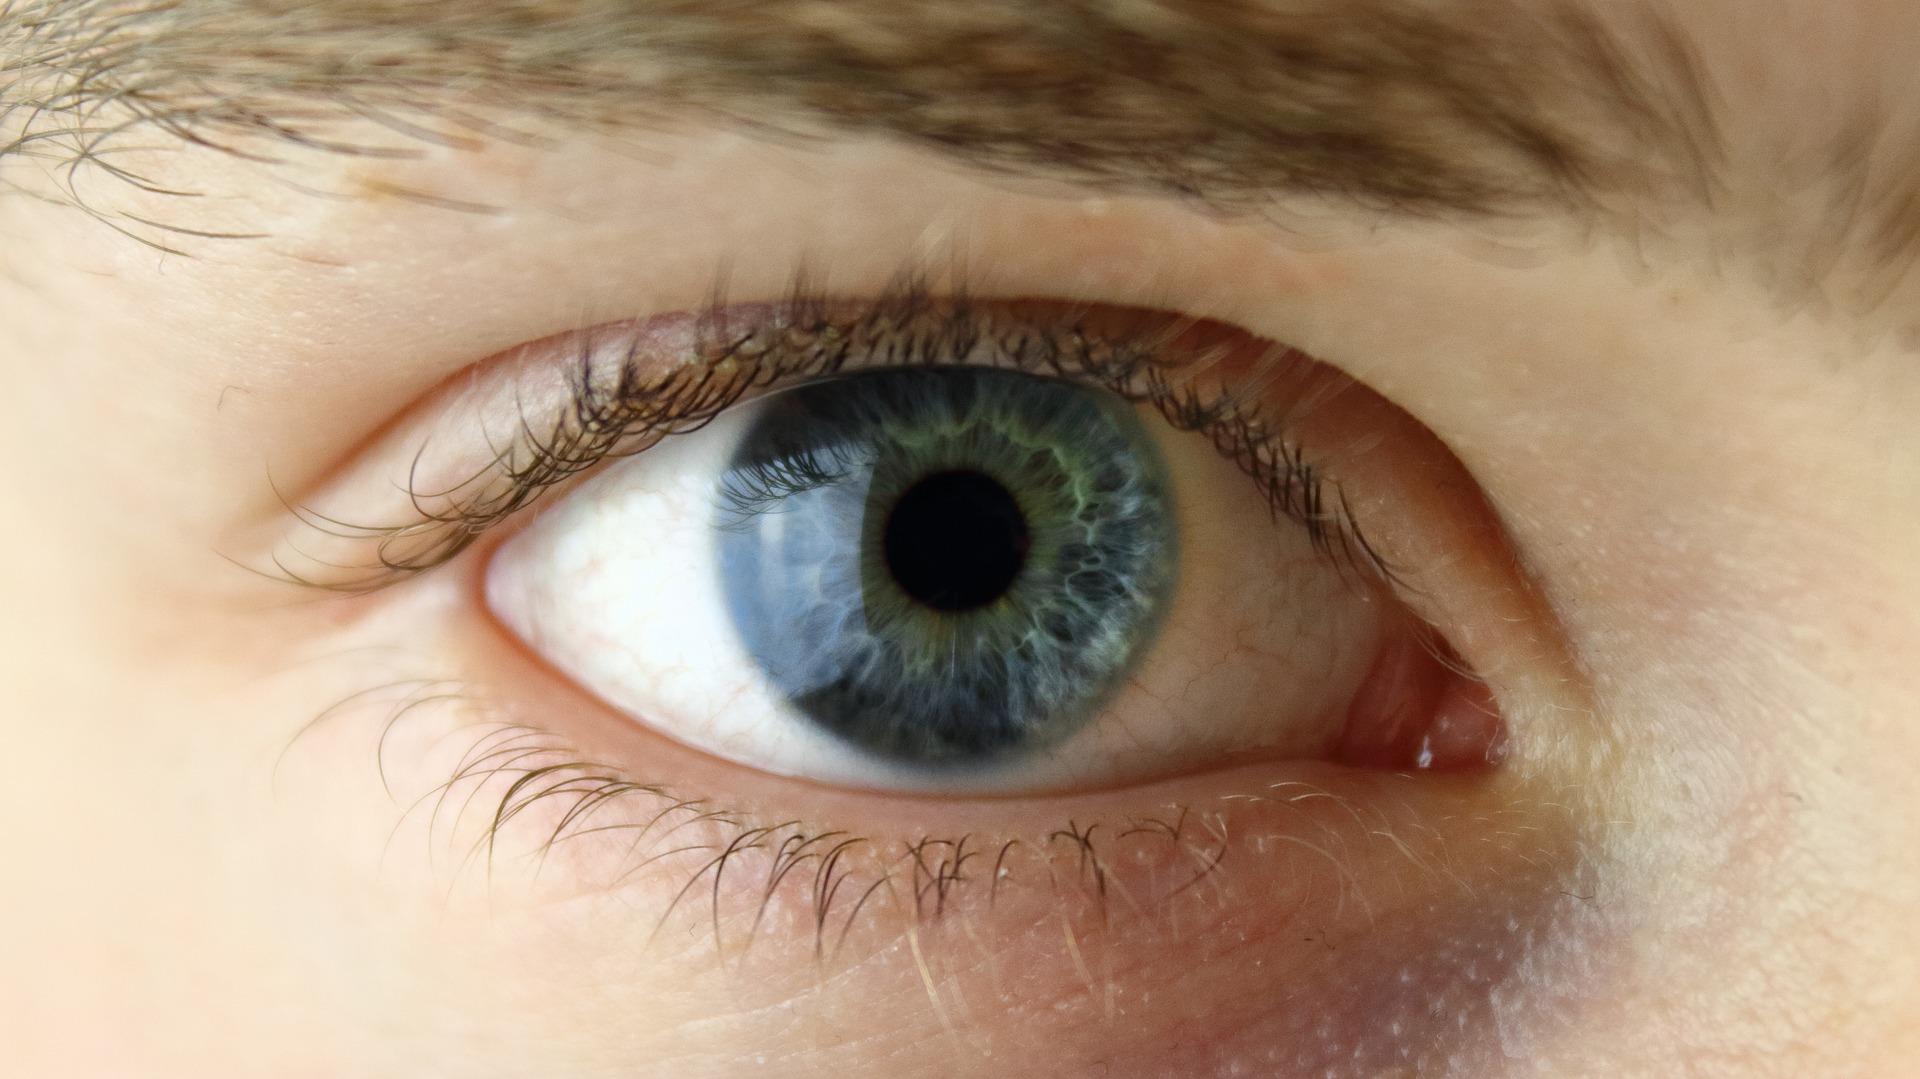 eye-2154384_1920 - kopie